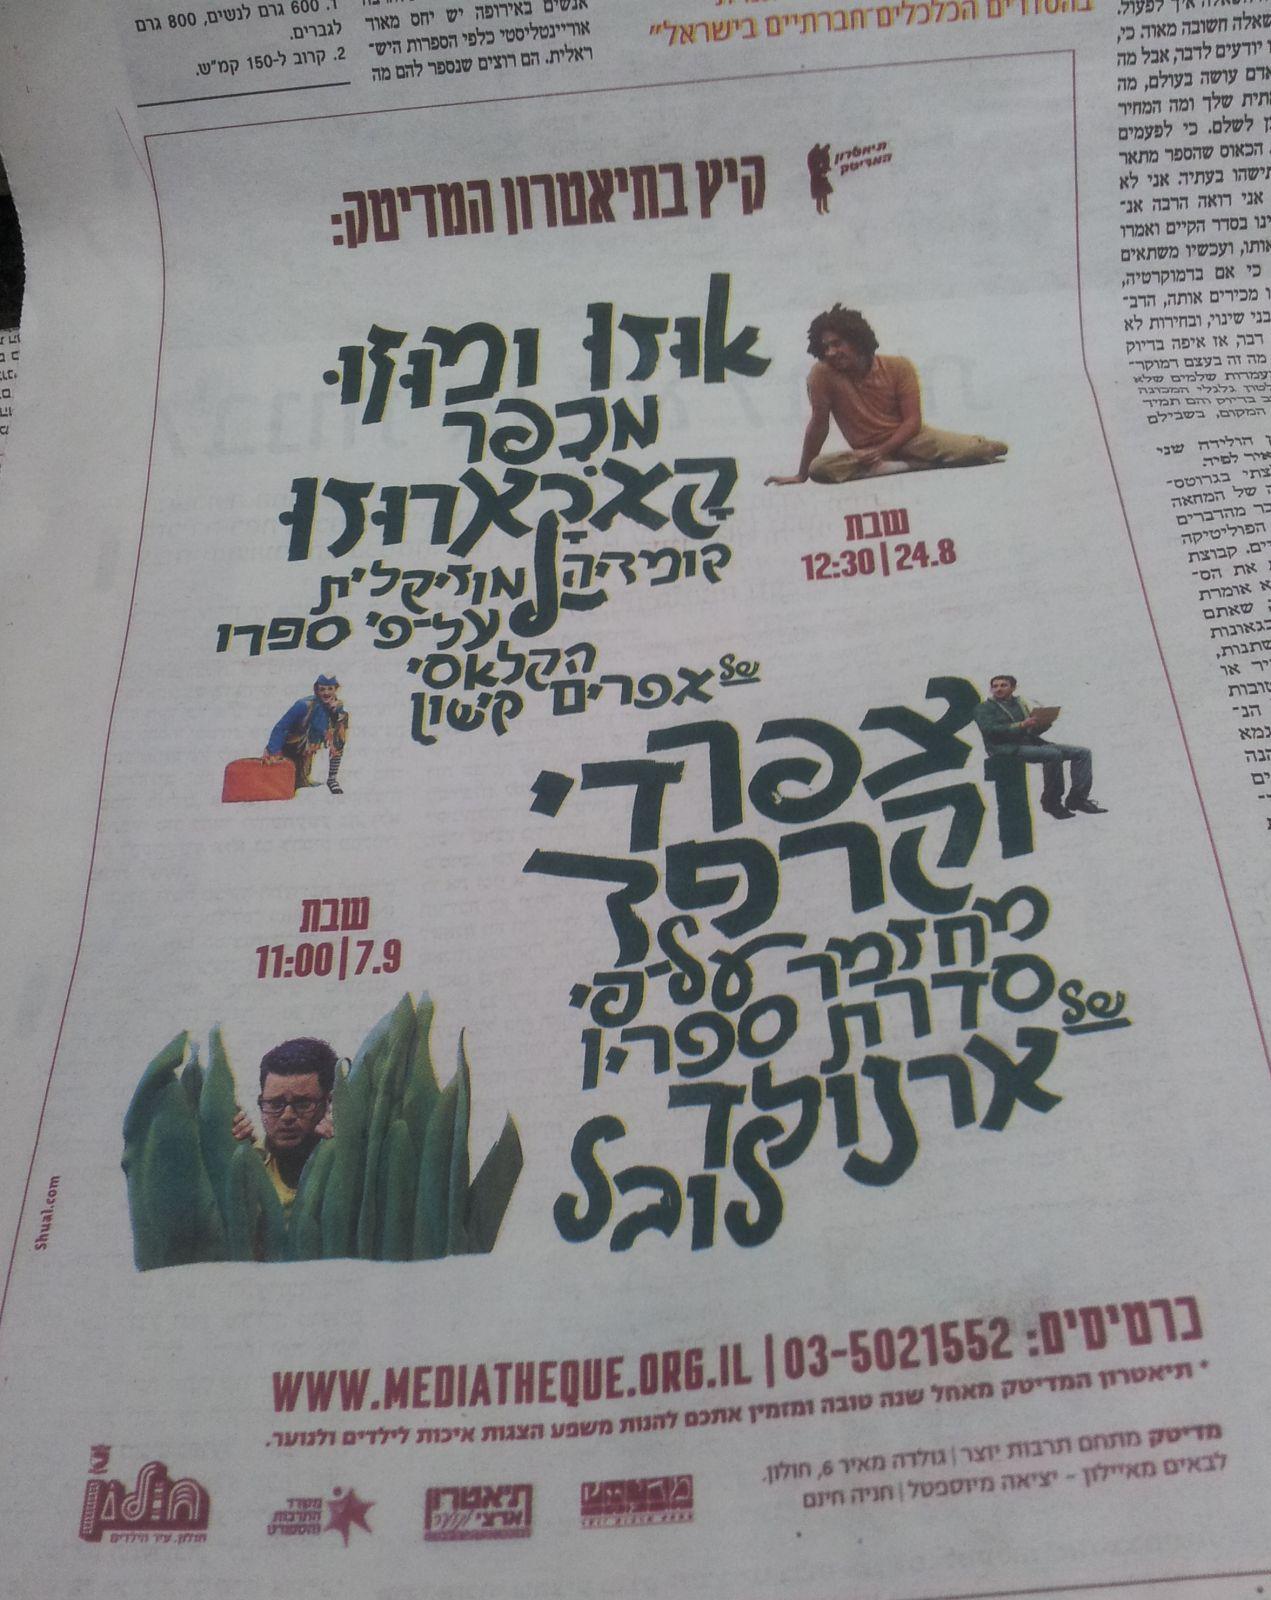 """מודעה להצגה אוזו ומוזו מכפר קאקארוזו. """"הארץ"""", 15.8.2013"""